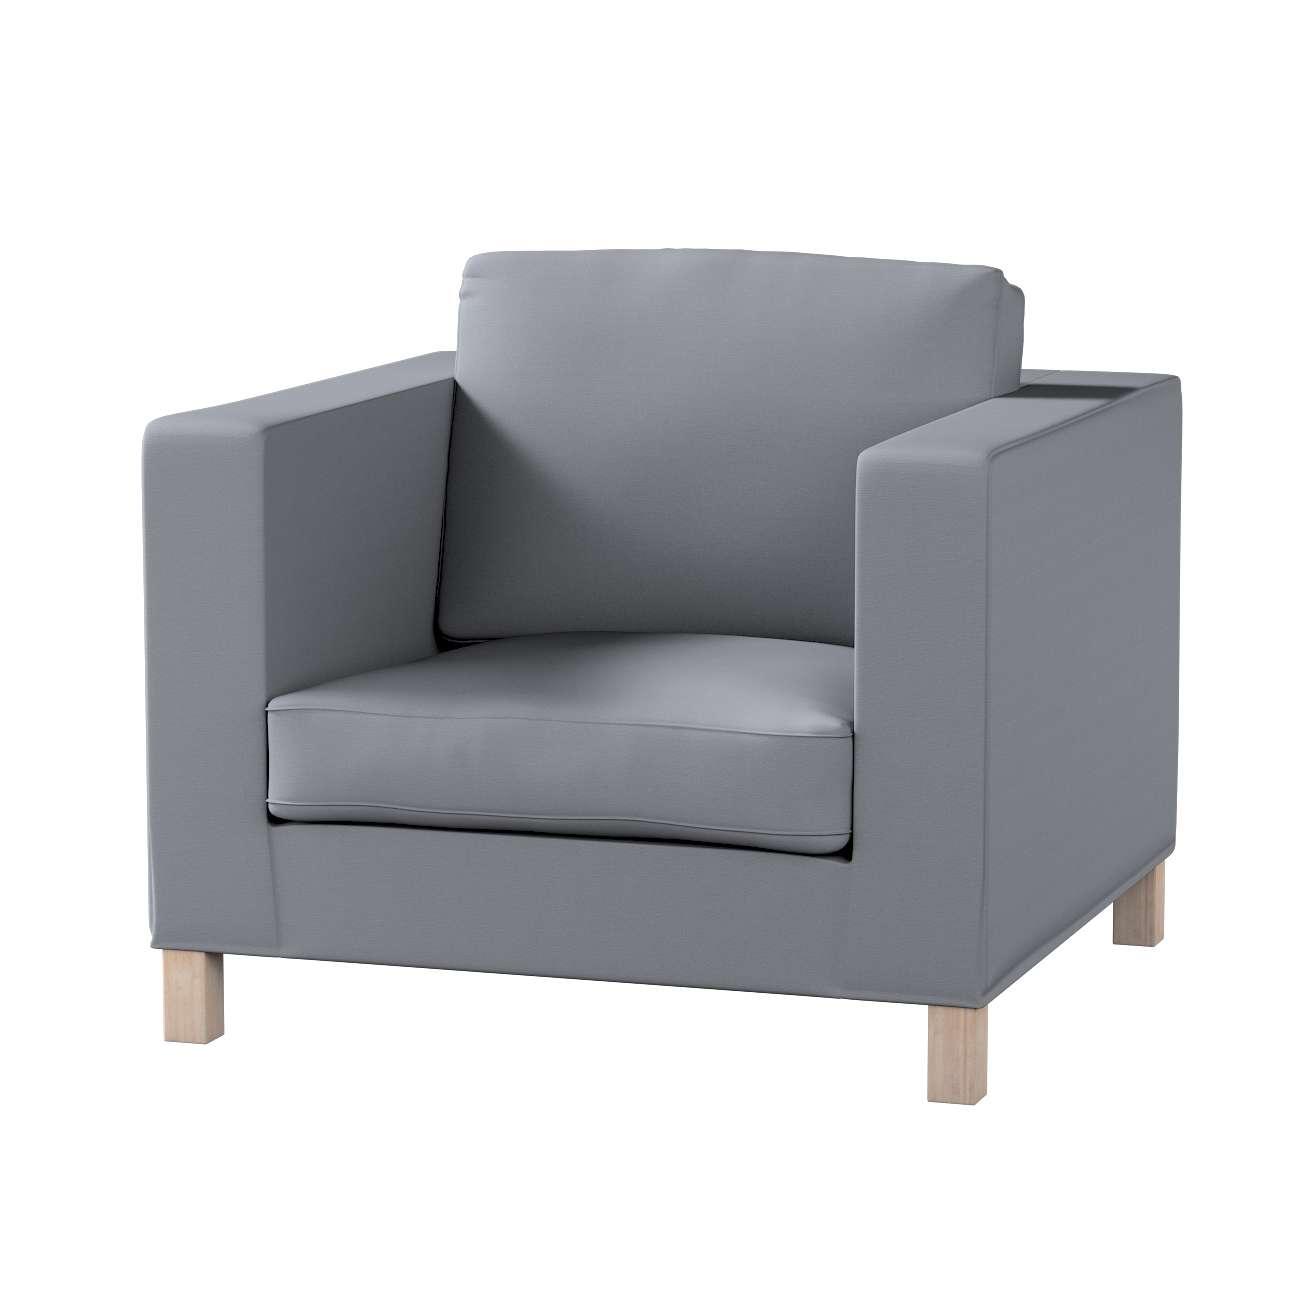 Pokrowiec na fotel Karlanda, krótki fotel Karlanda w kolekcji Cotton Panama, tkanina: 702-07